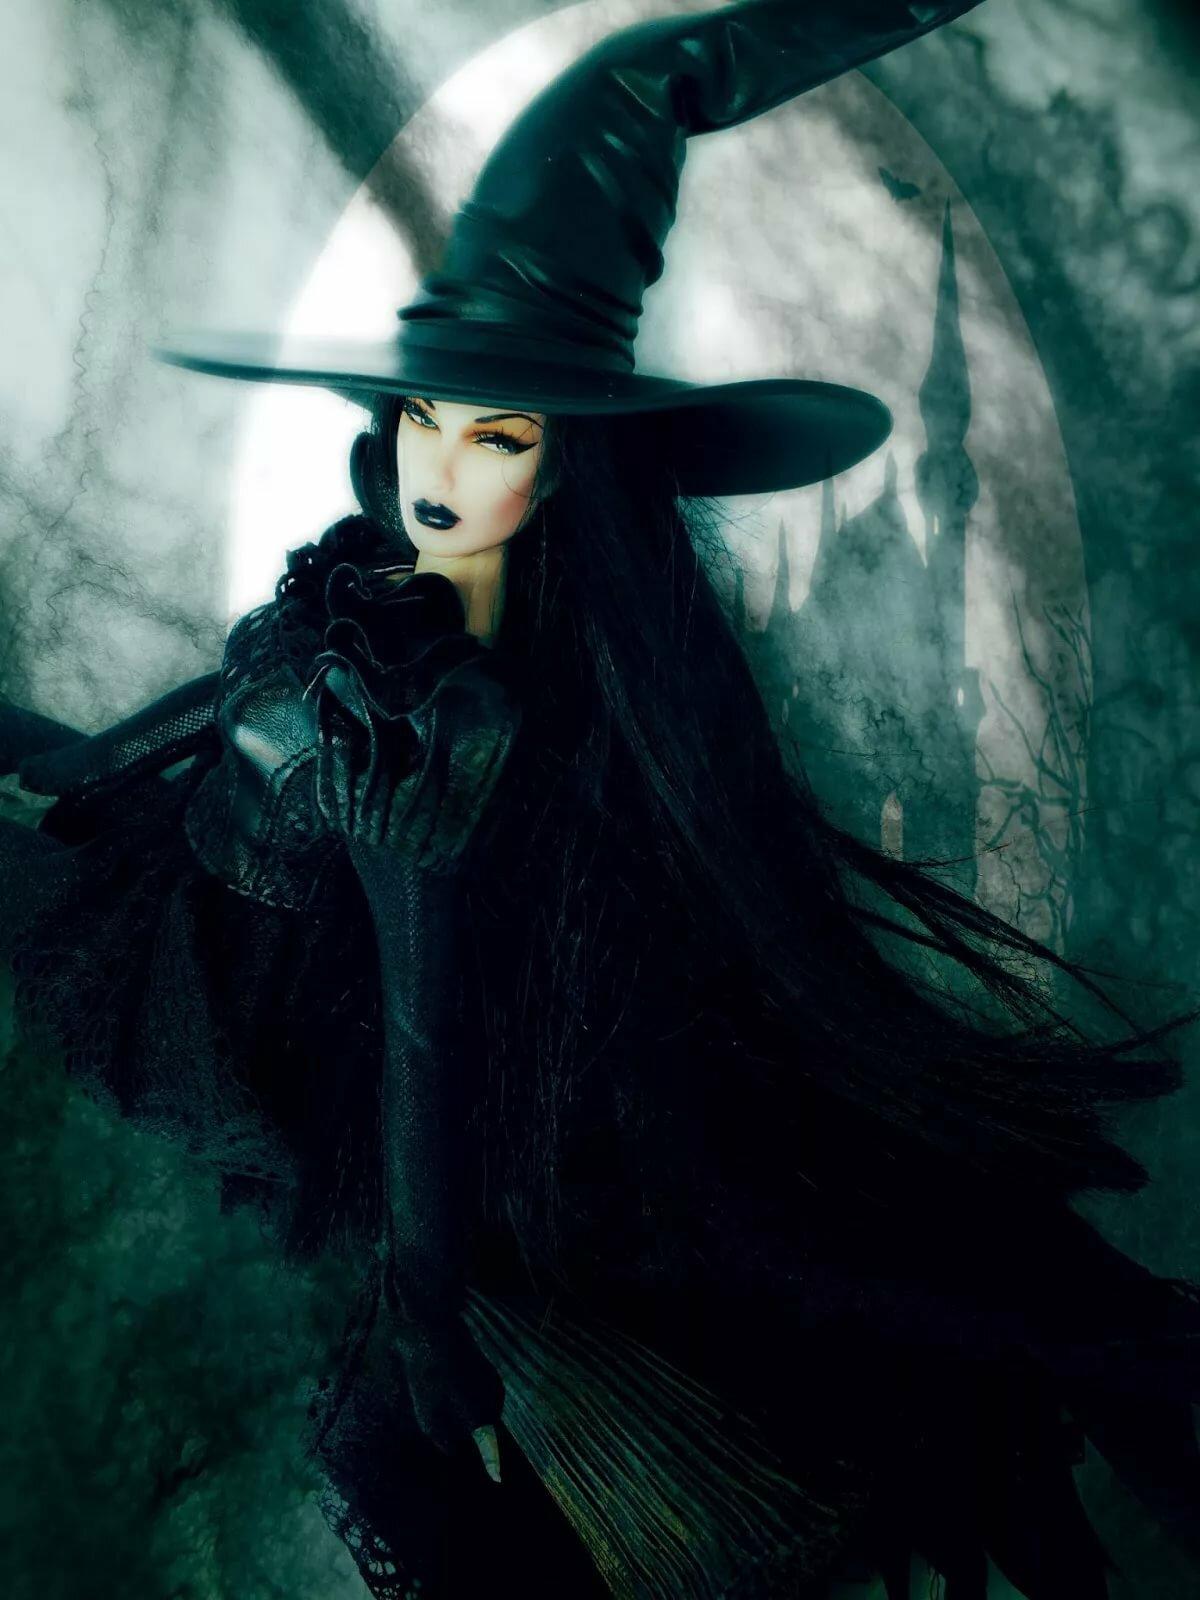 Ведьма злая картинка